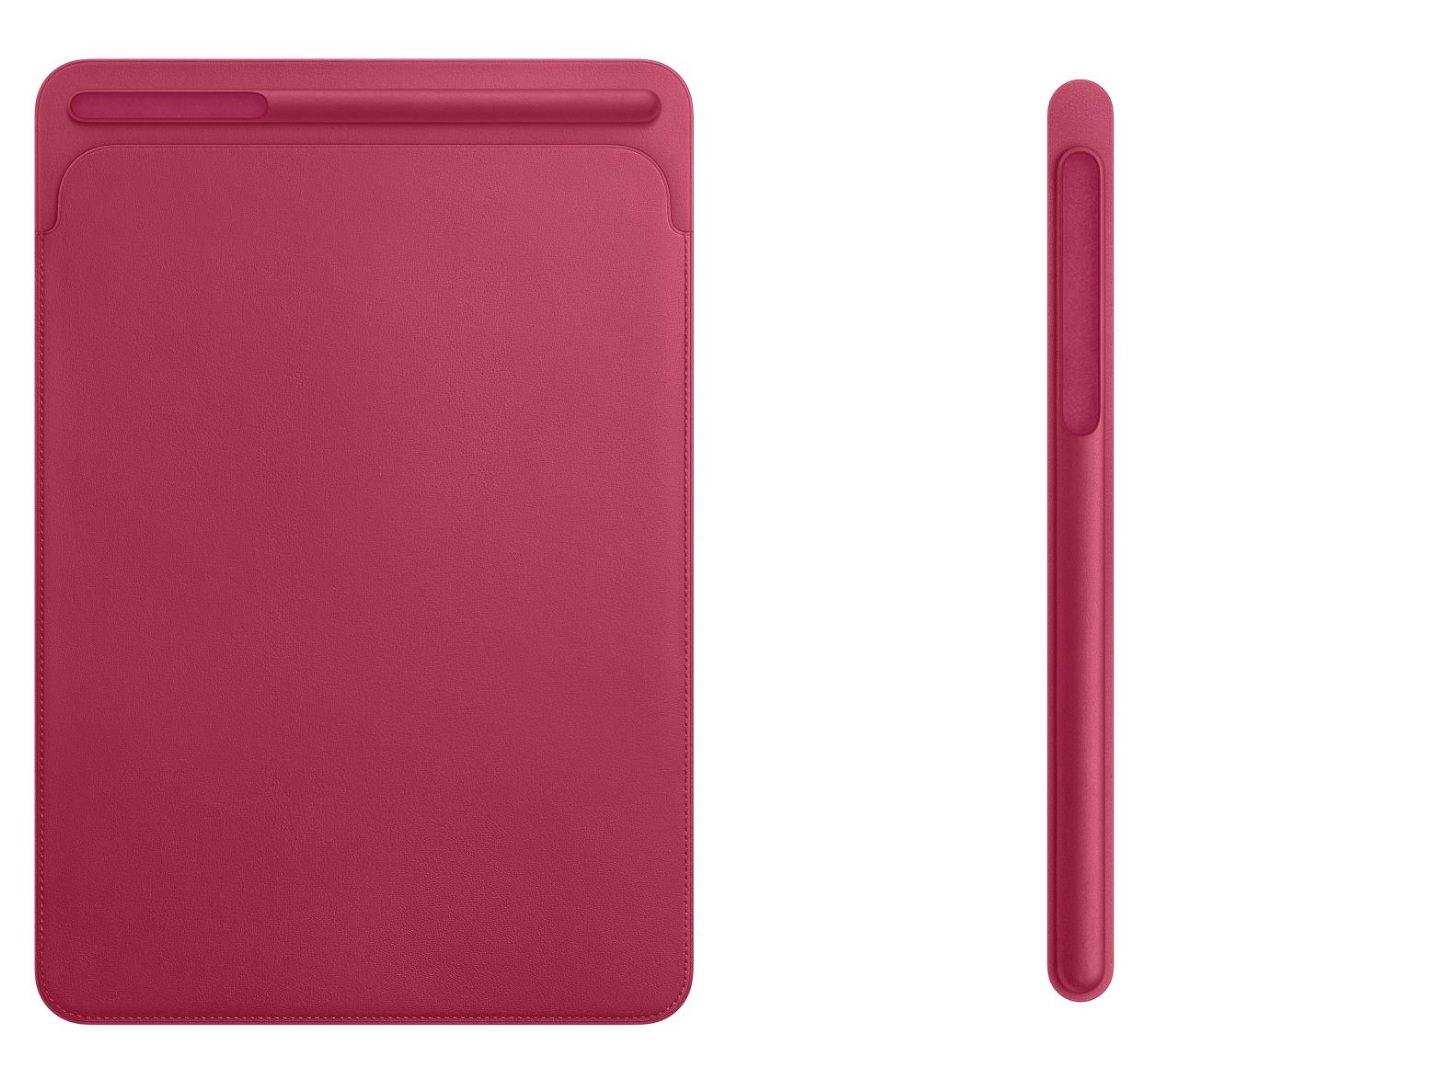 New iPad Pro Color